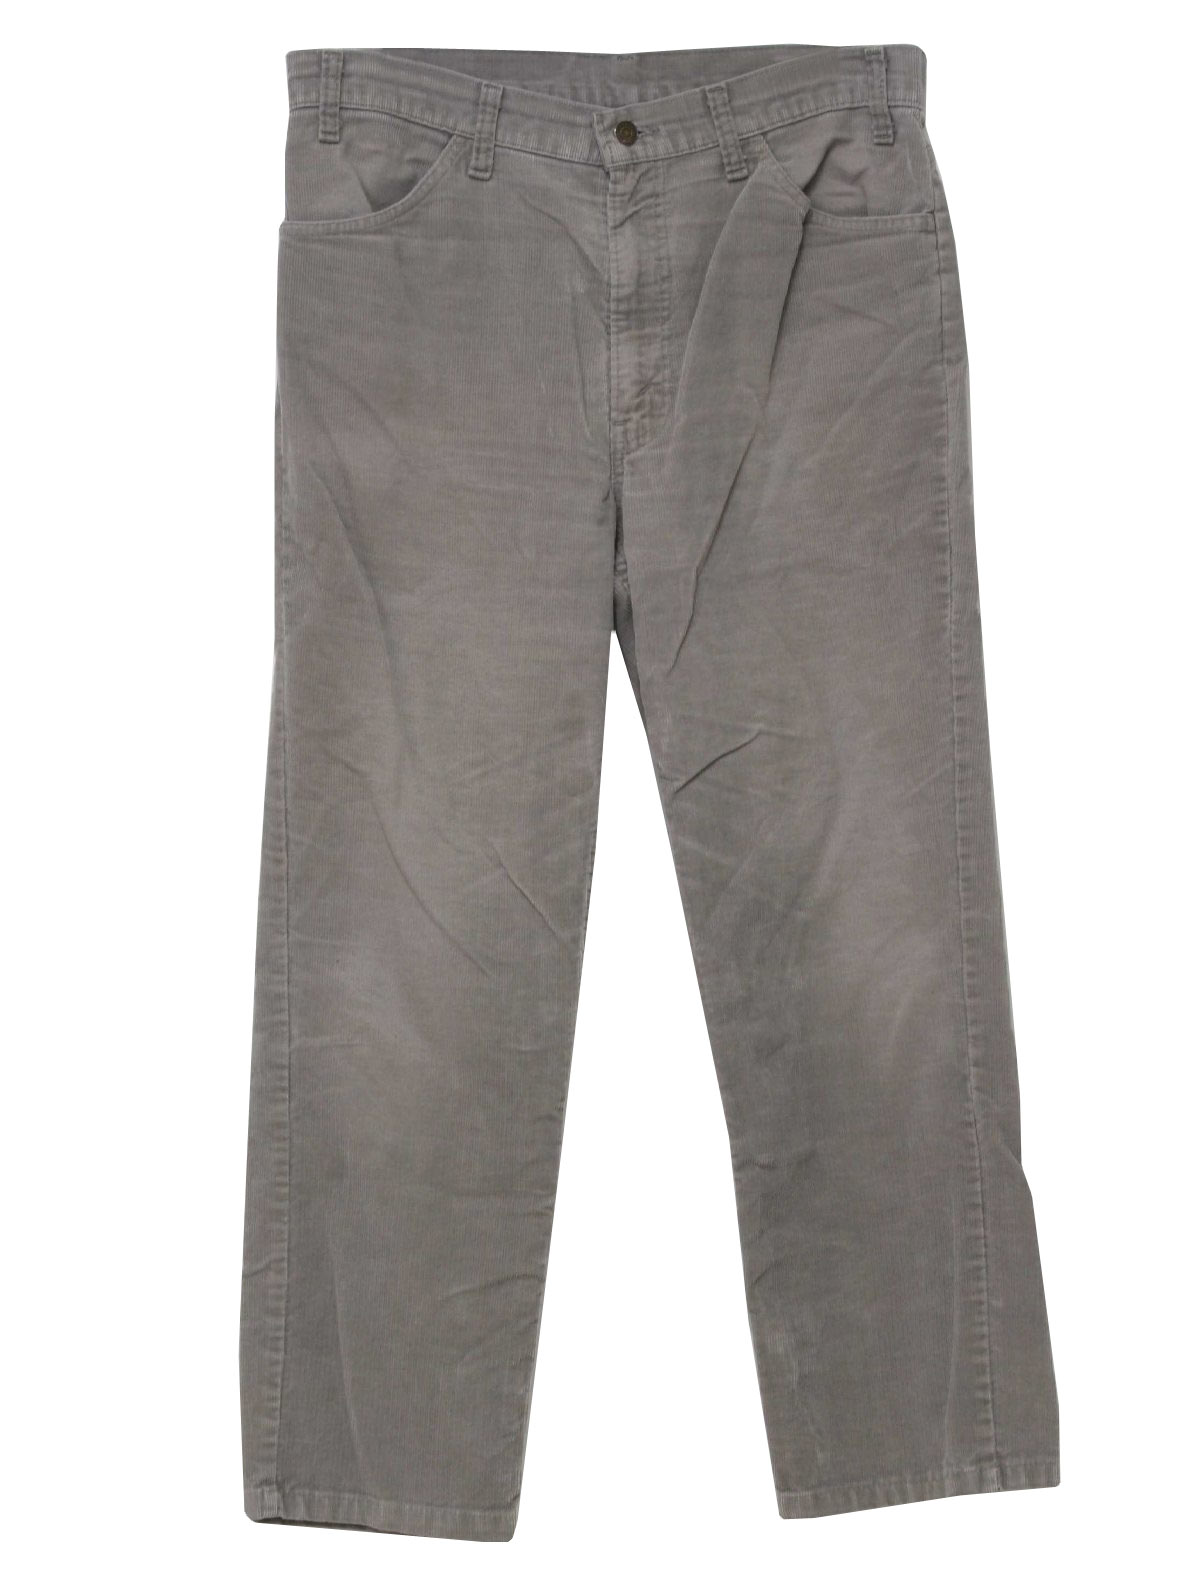 Levis 519 Womens Jeans